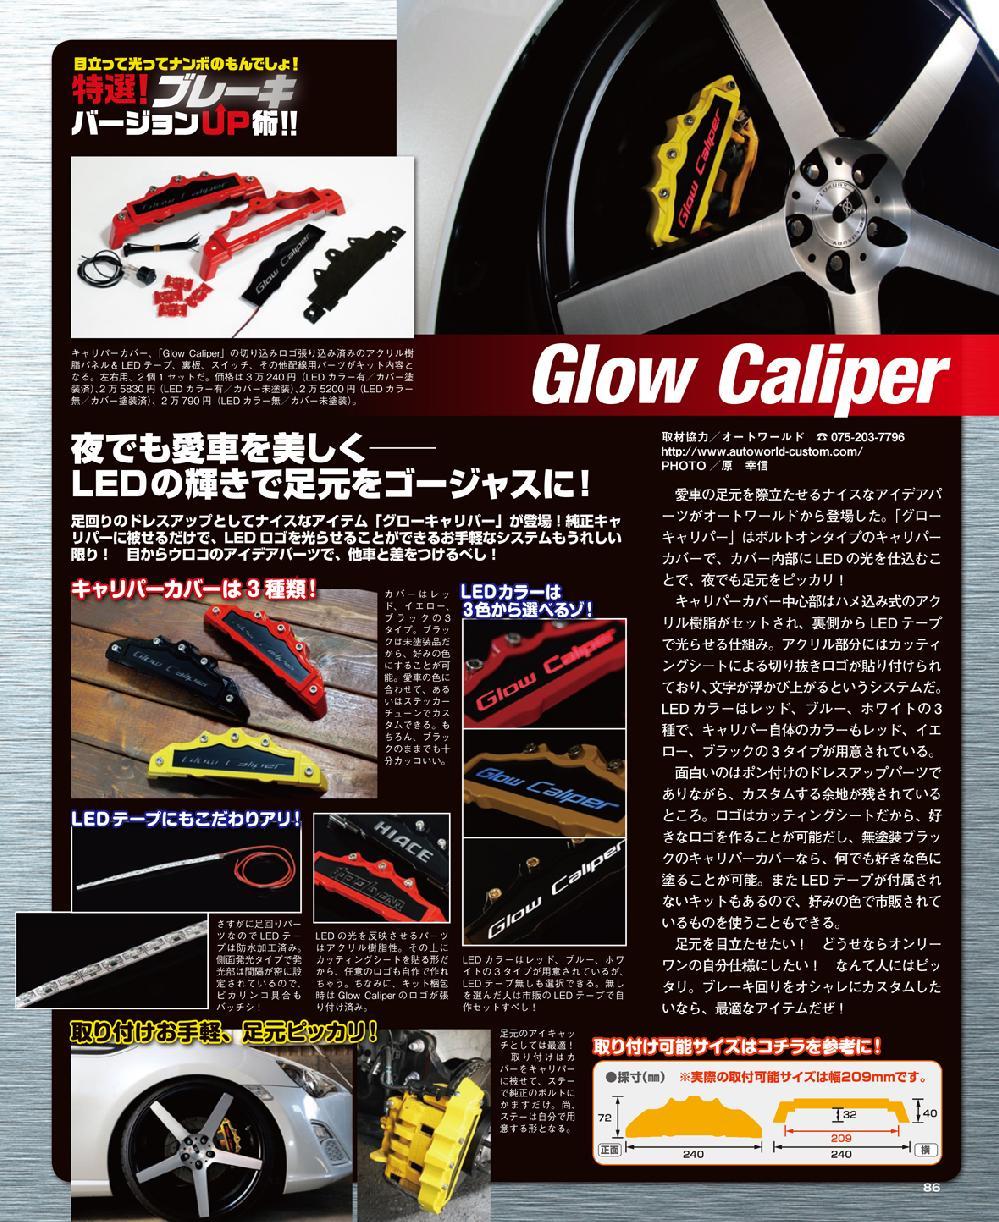 2014年 3月号 芸文社 カスタムCAR 86ページ